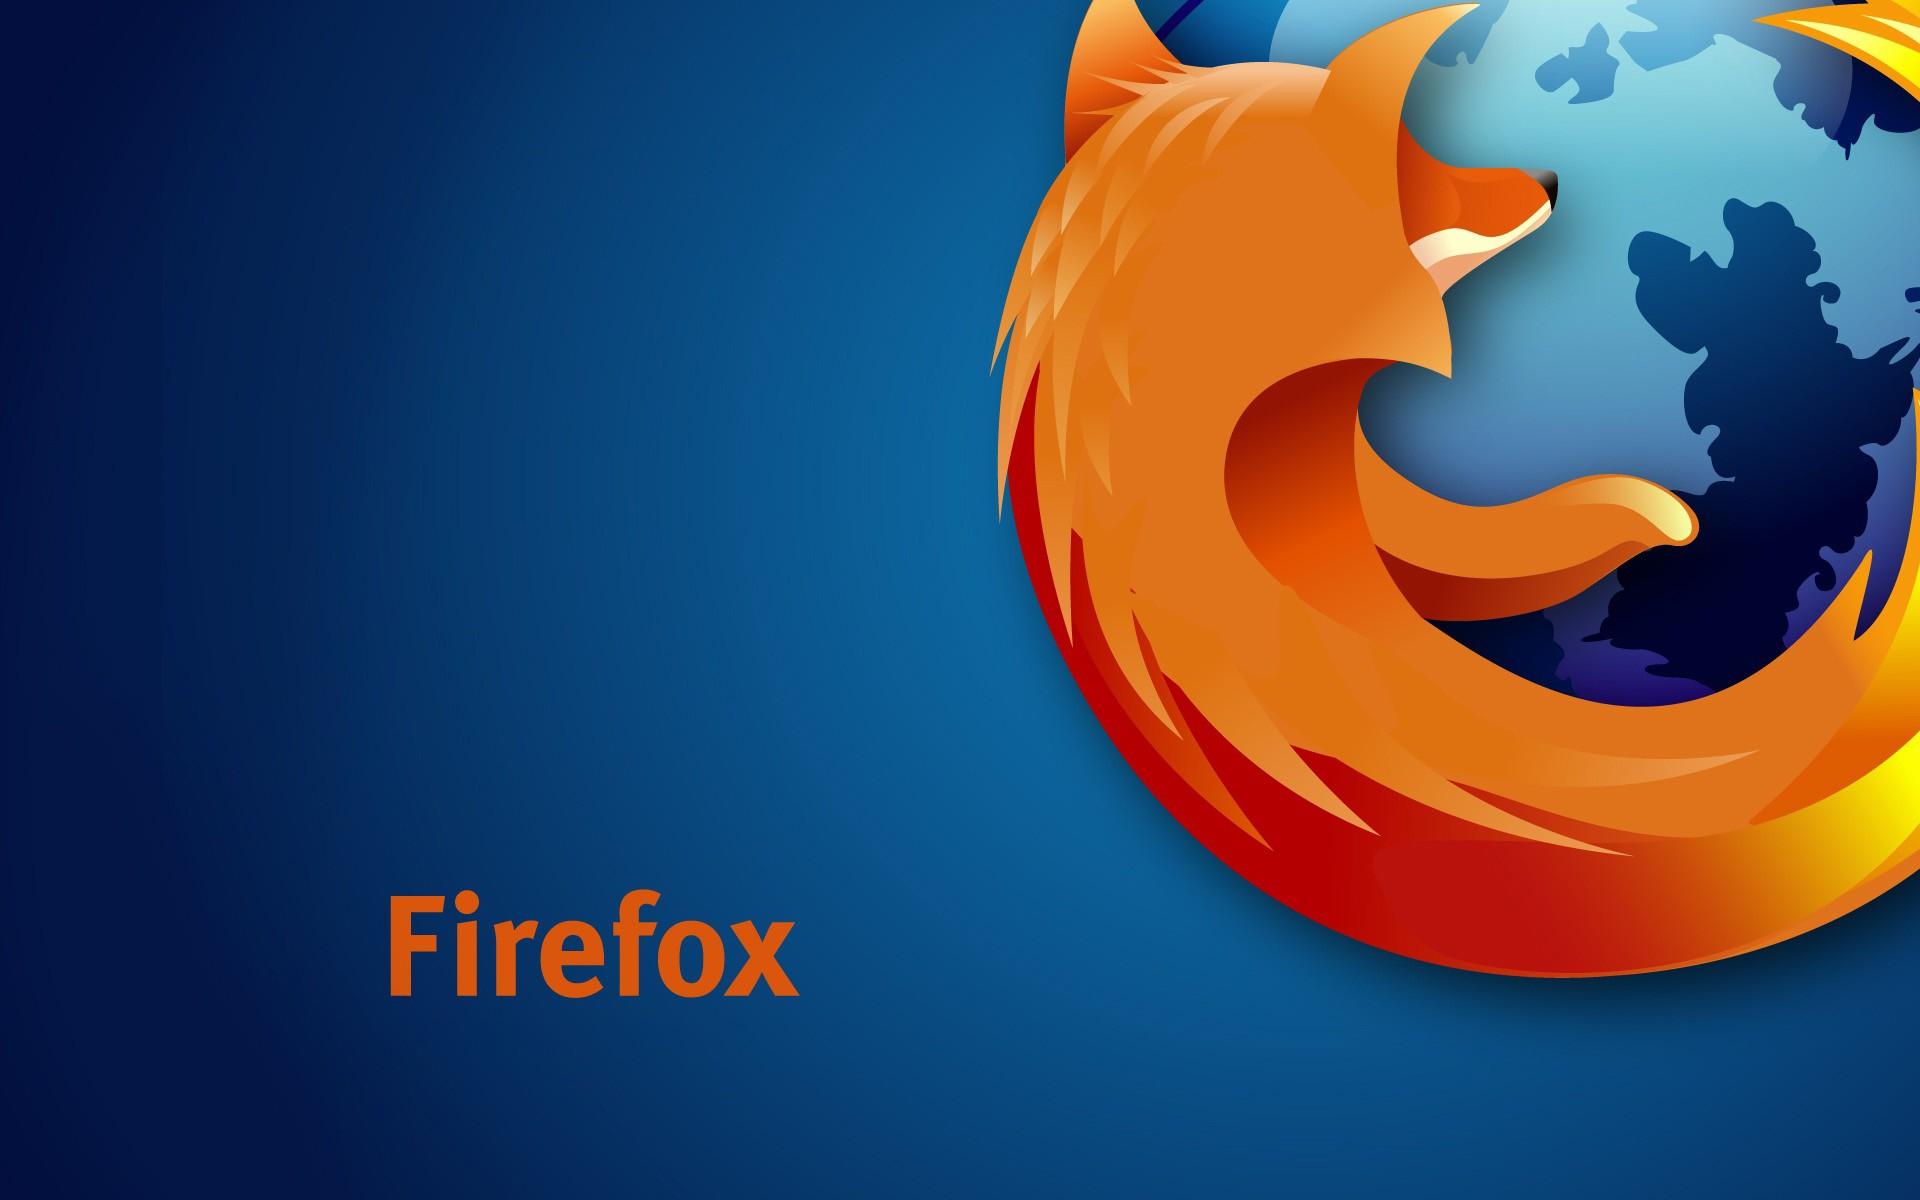 Mozilla phát triển FireFox cho iOS - Mozilla xác nhận phát triển Firefox cho iOS